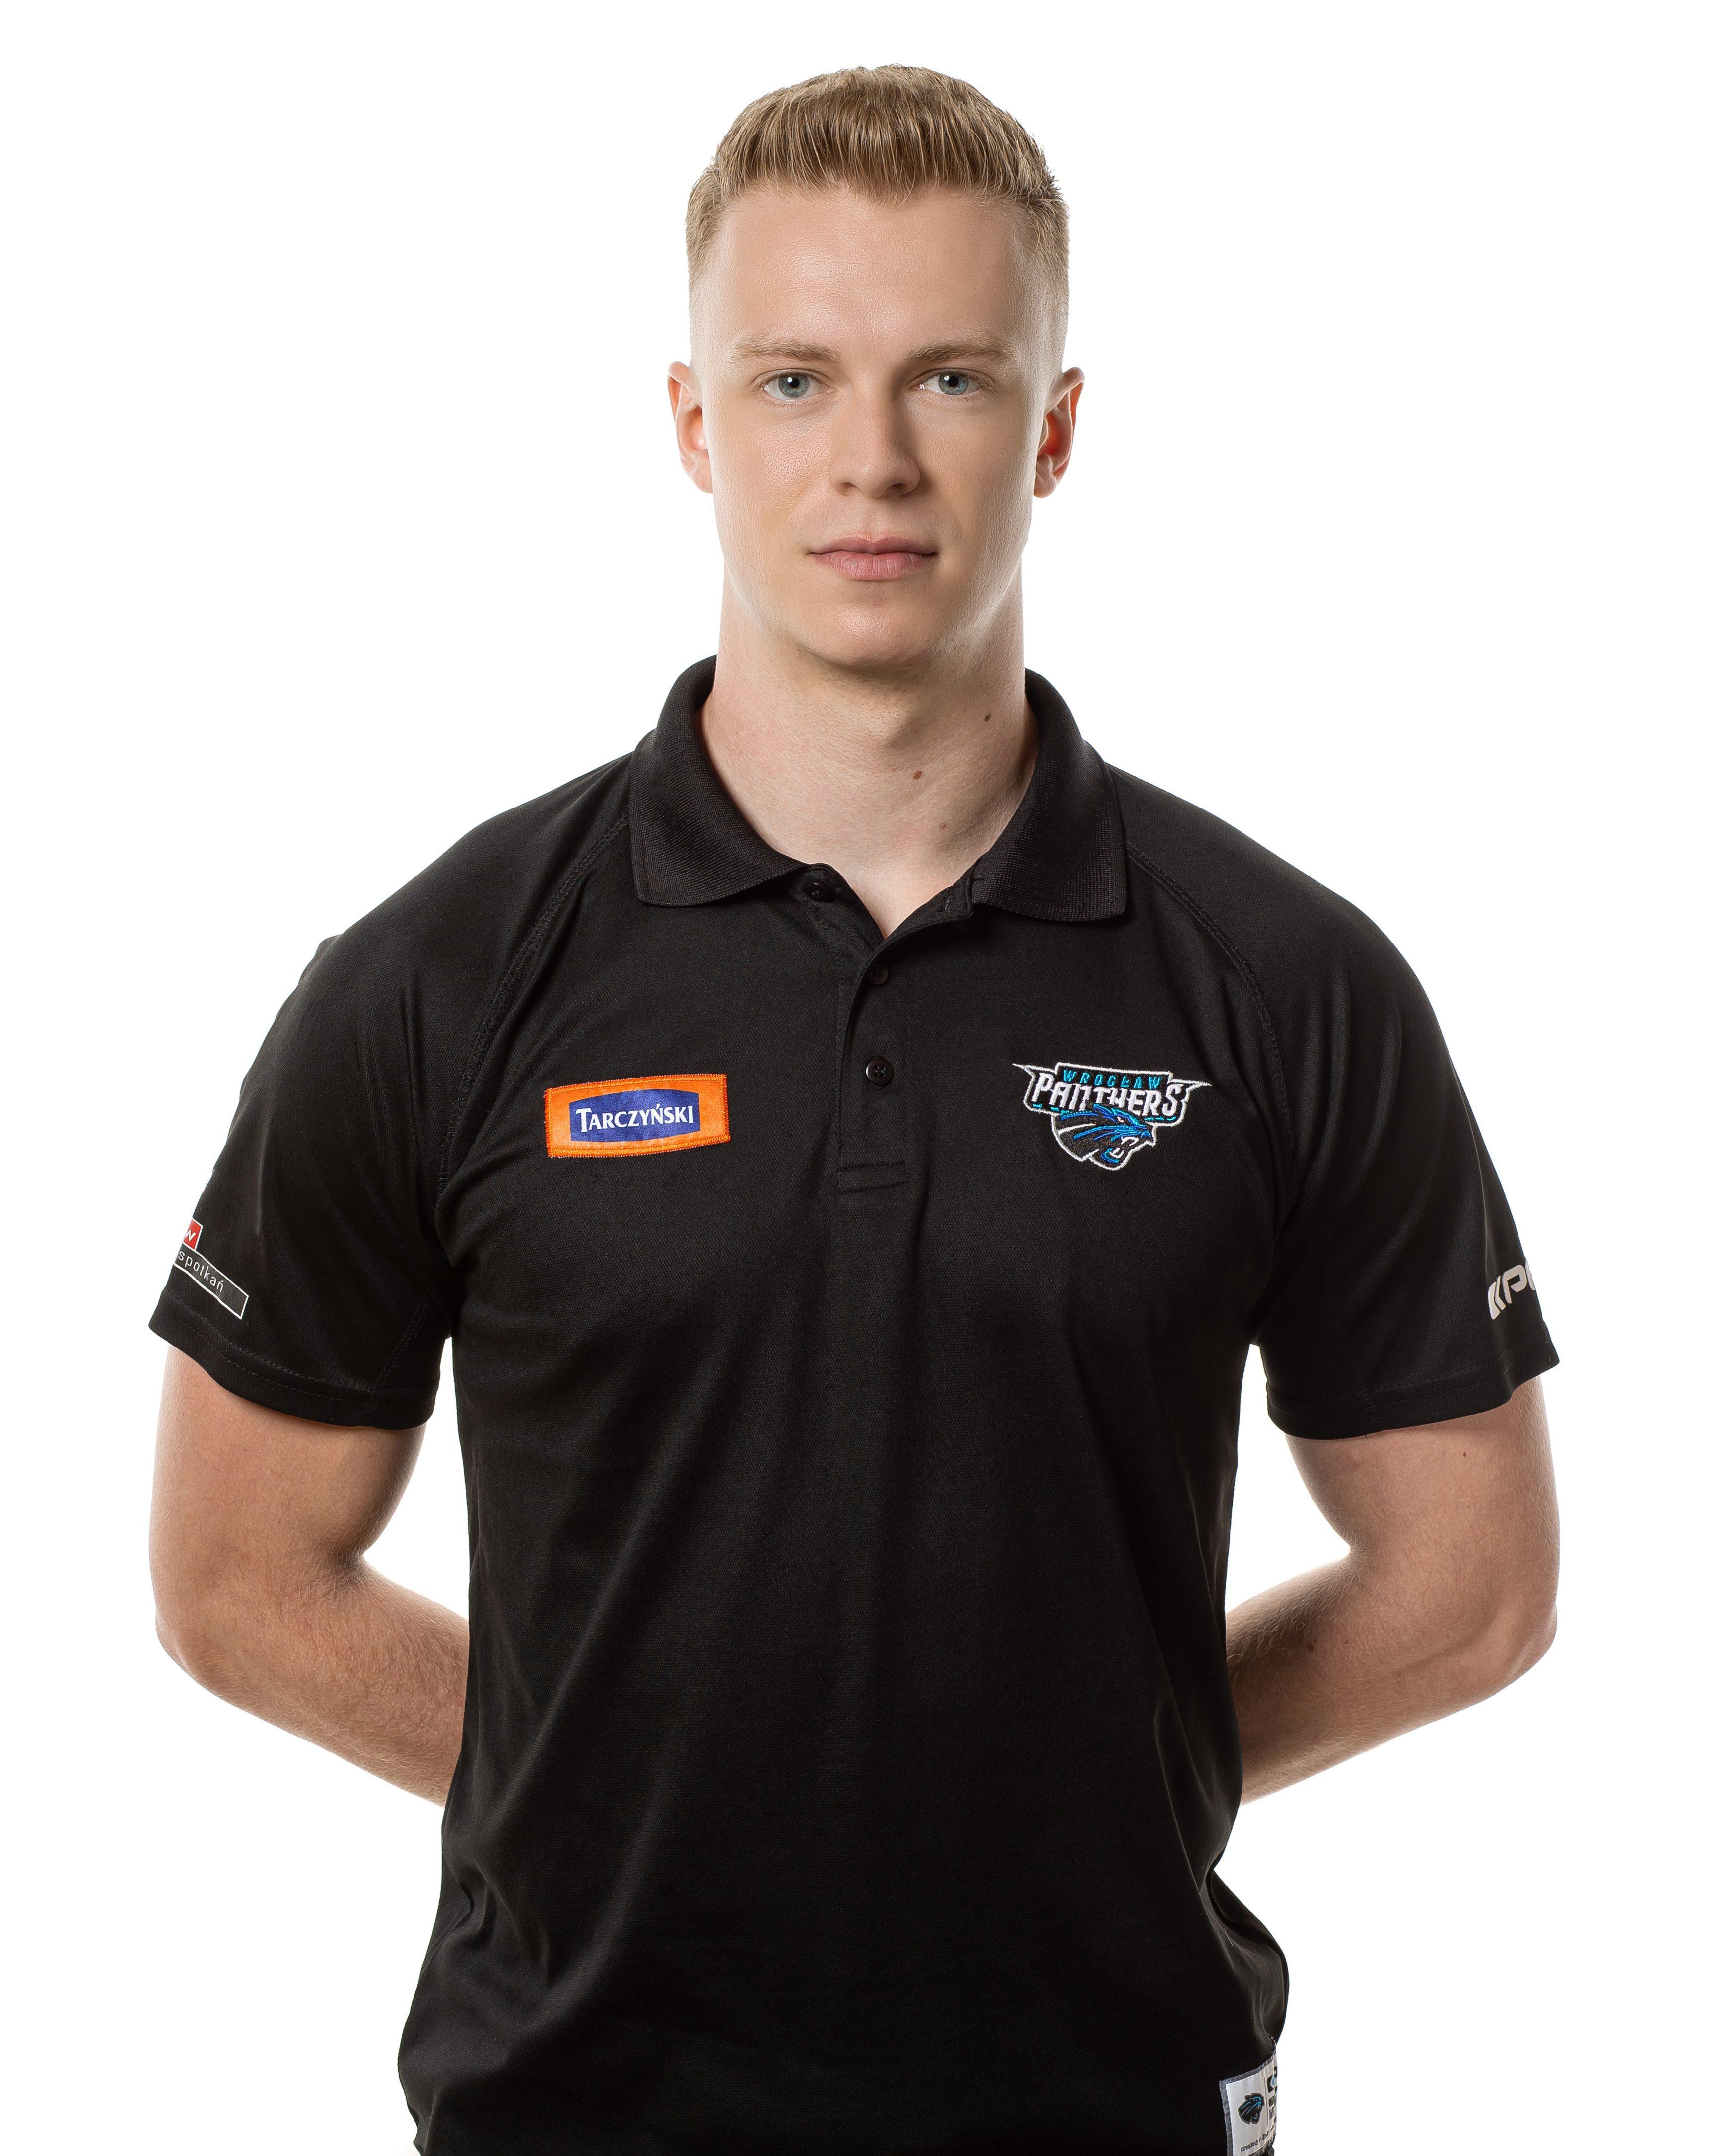 Damian Kwiatkowski